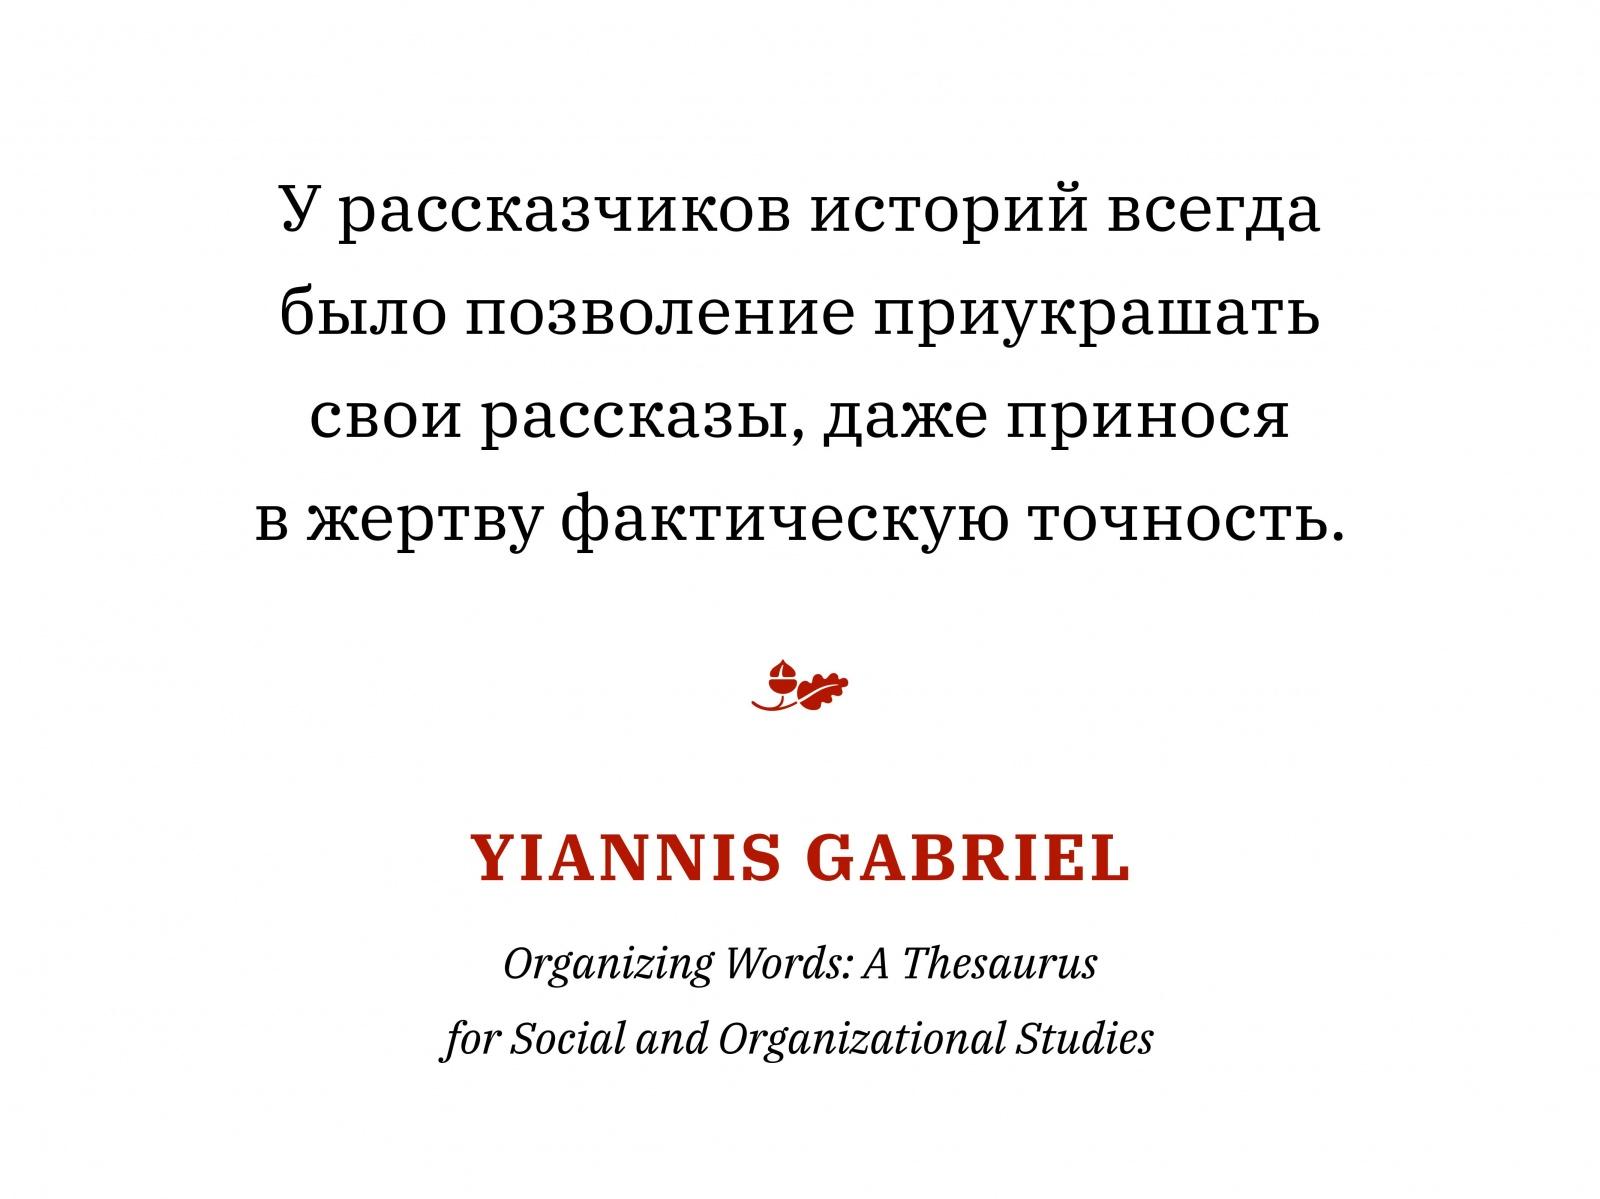 Алексей Каптерев: Критическое мышление 101 (часть 2) - 33